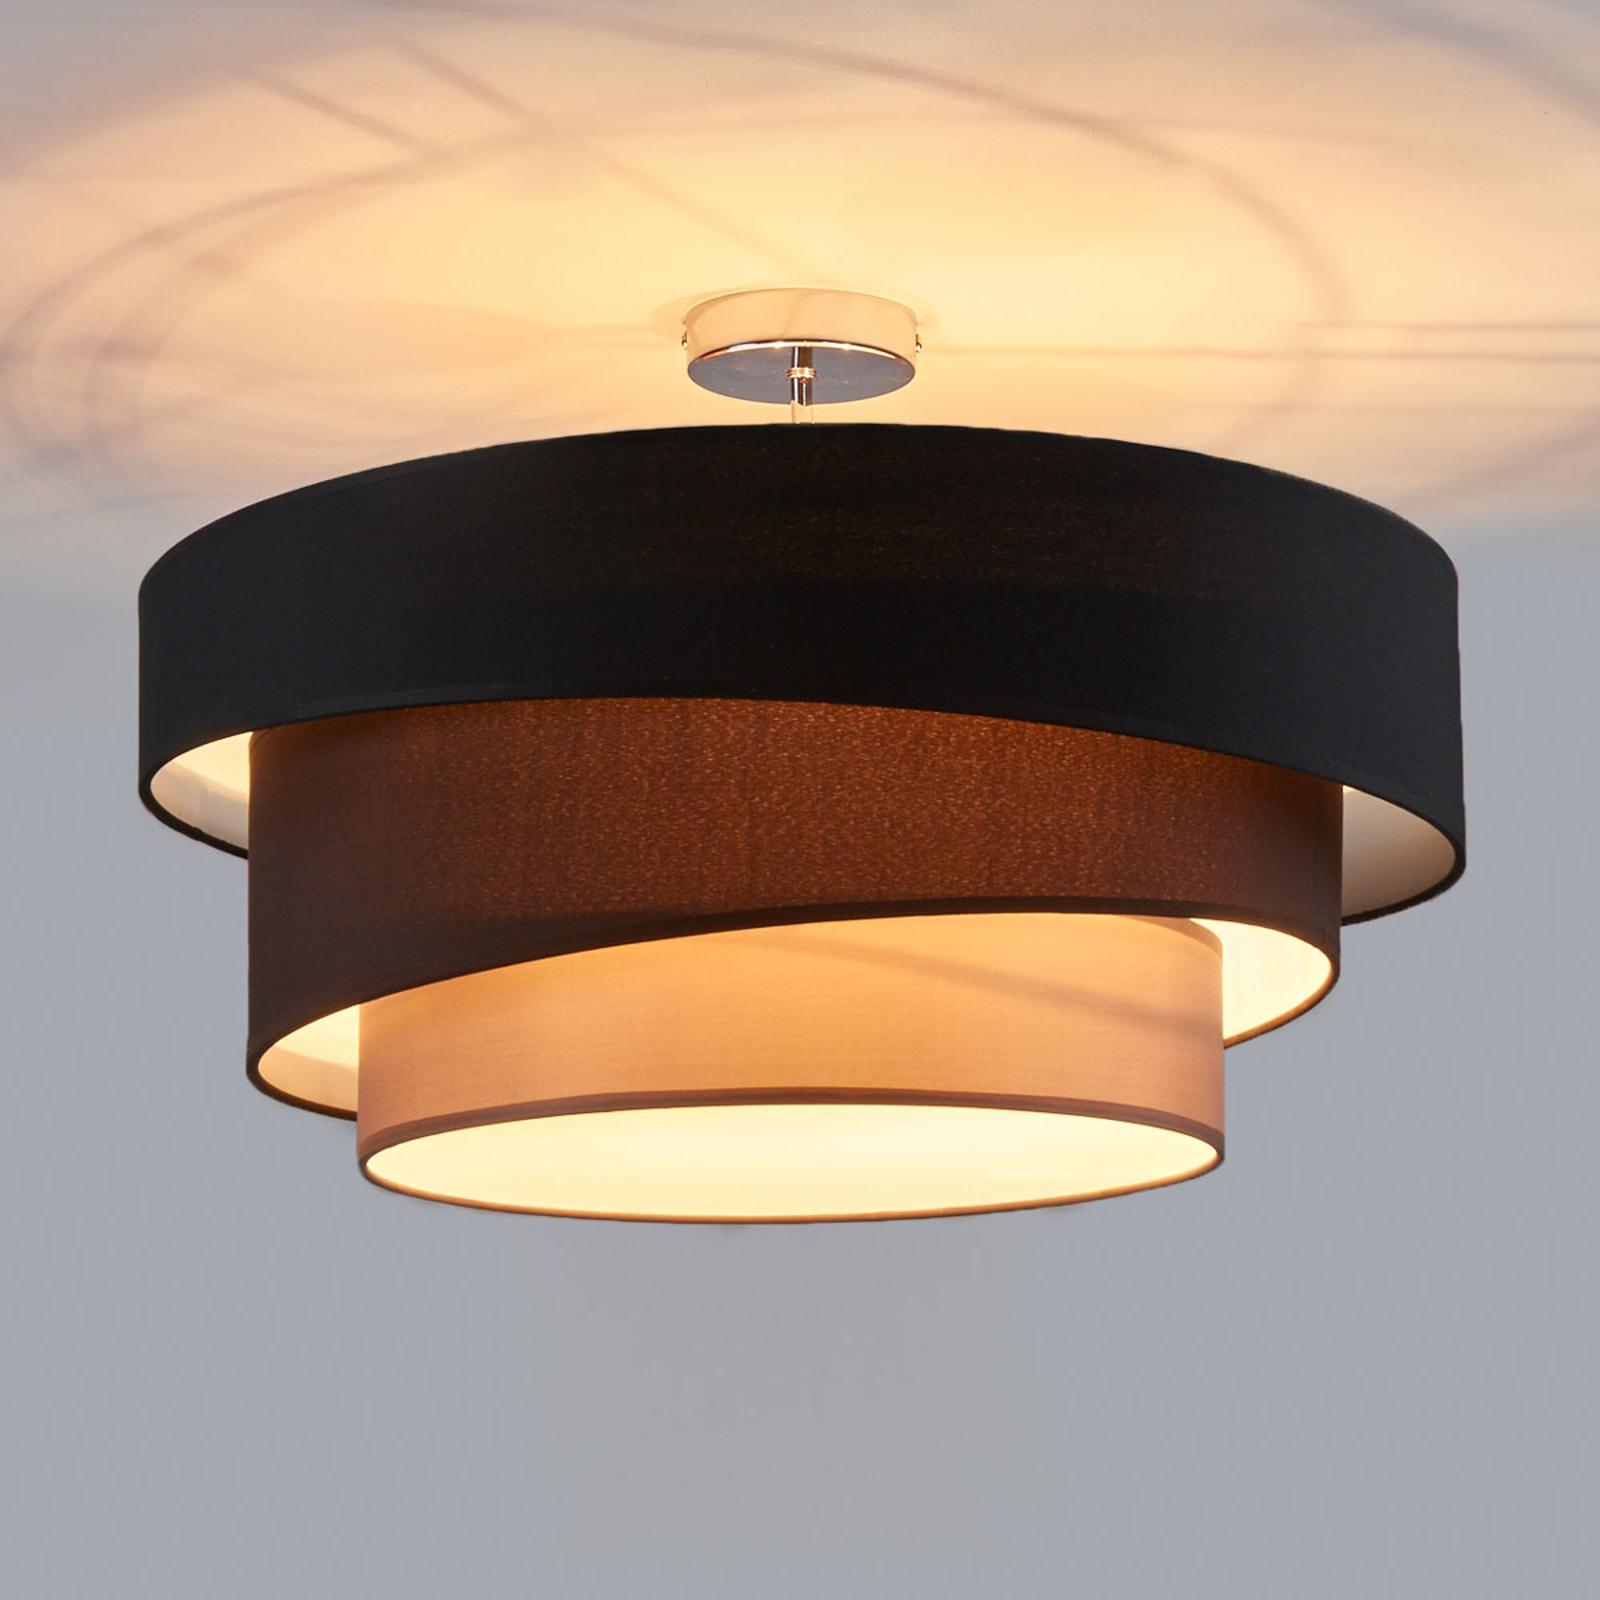 Tilltalande taklampa Melia, svart och brun